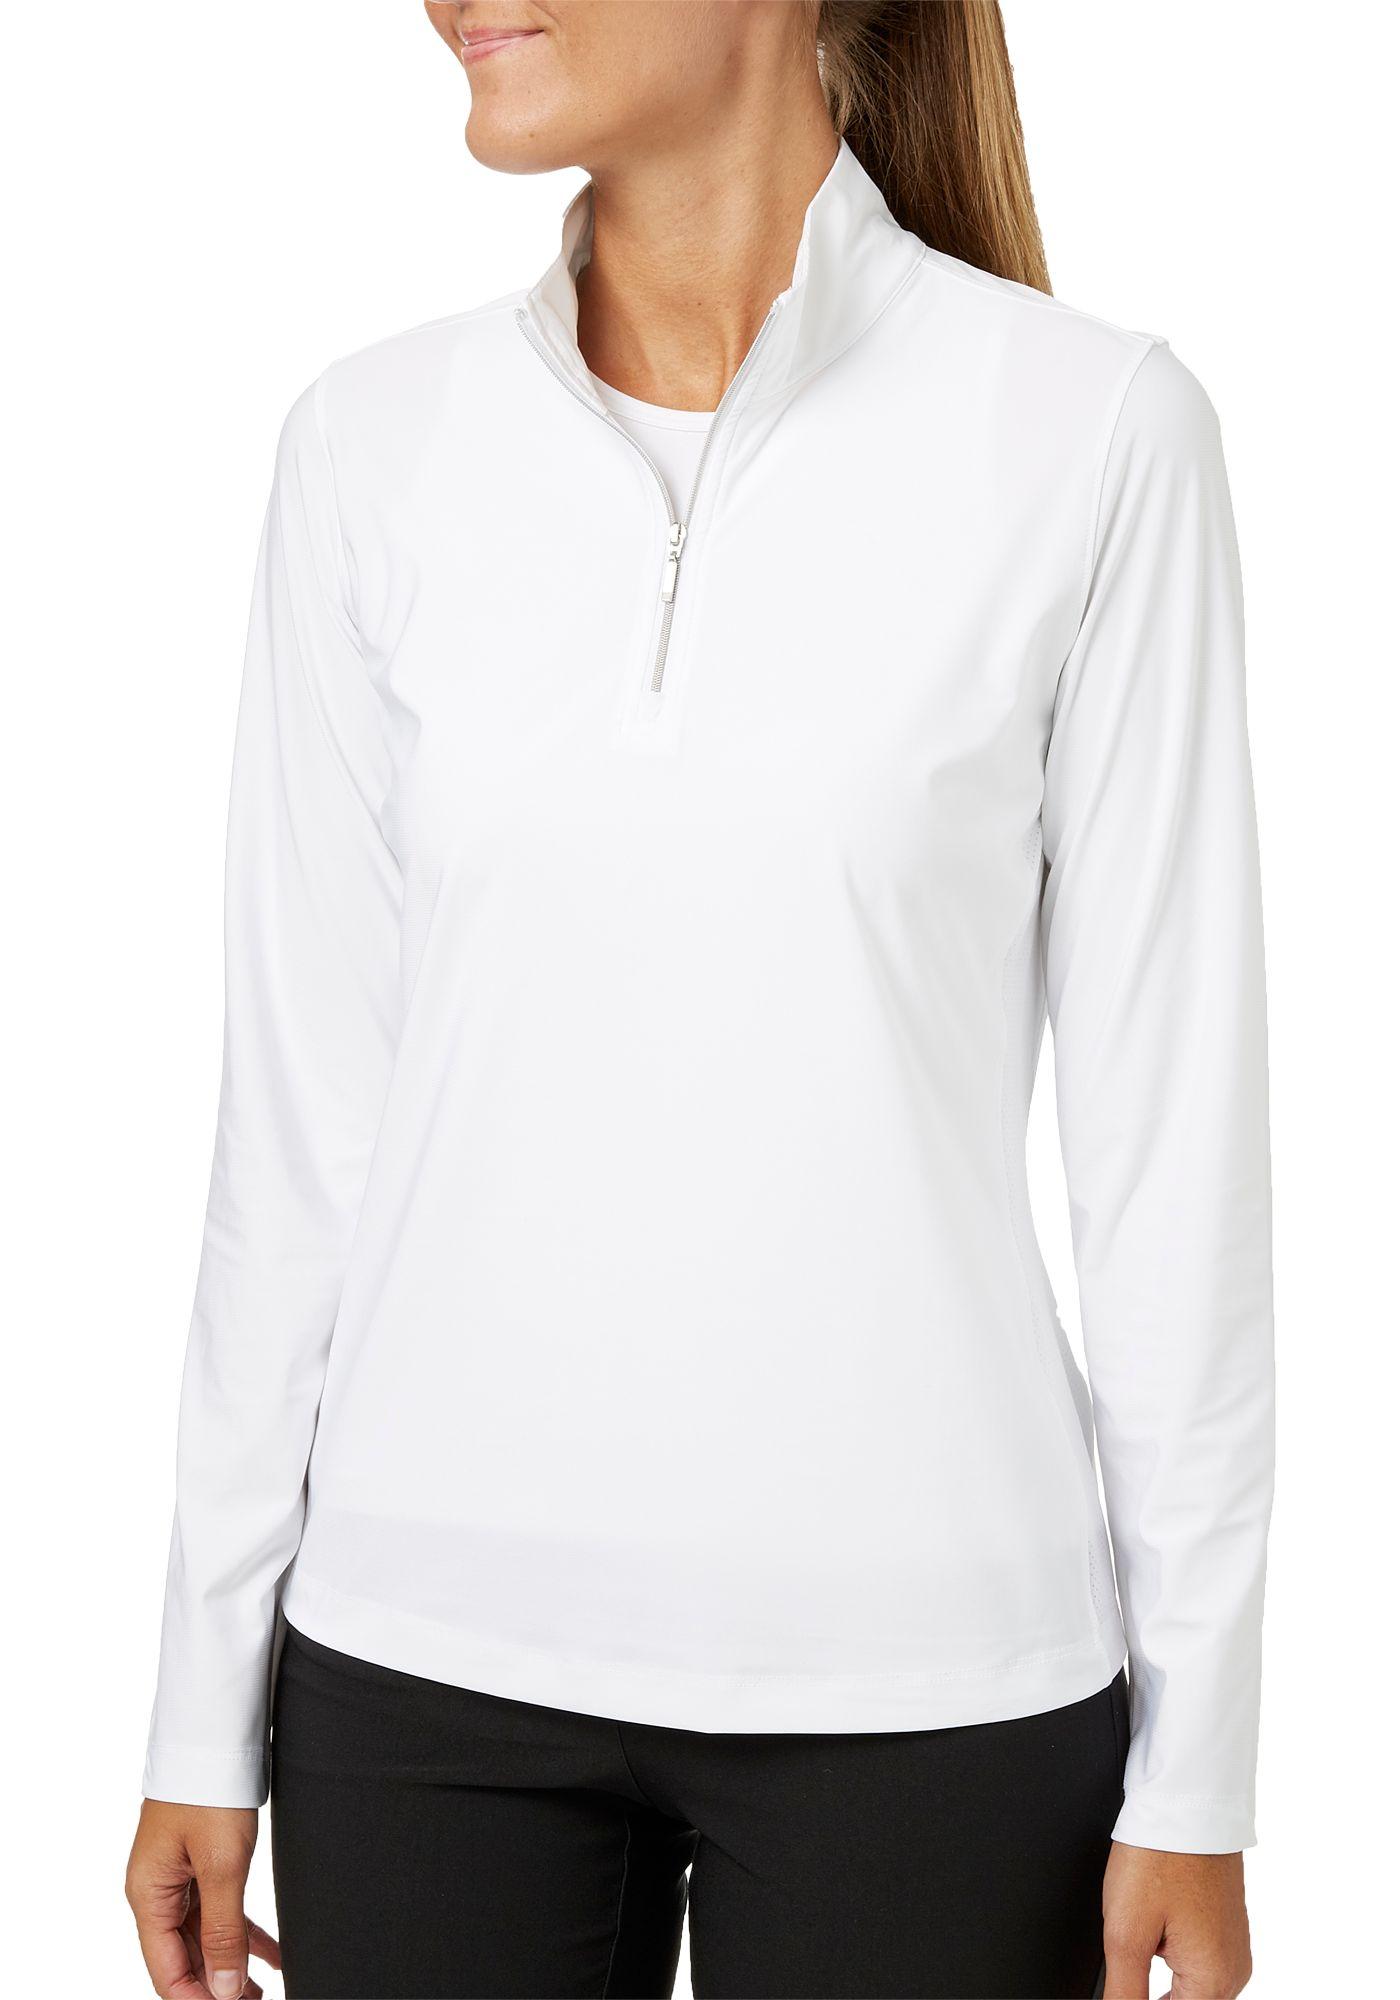 Lady Hagen Women's UV Long Sleeve Golf 1/4-Zip